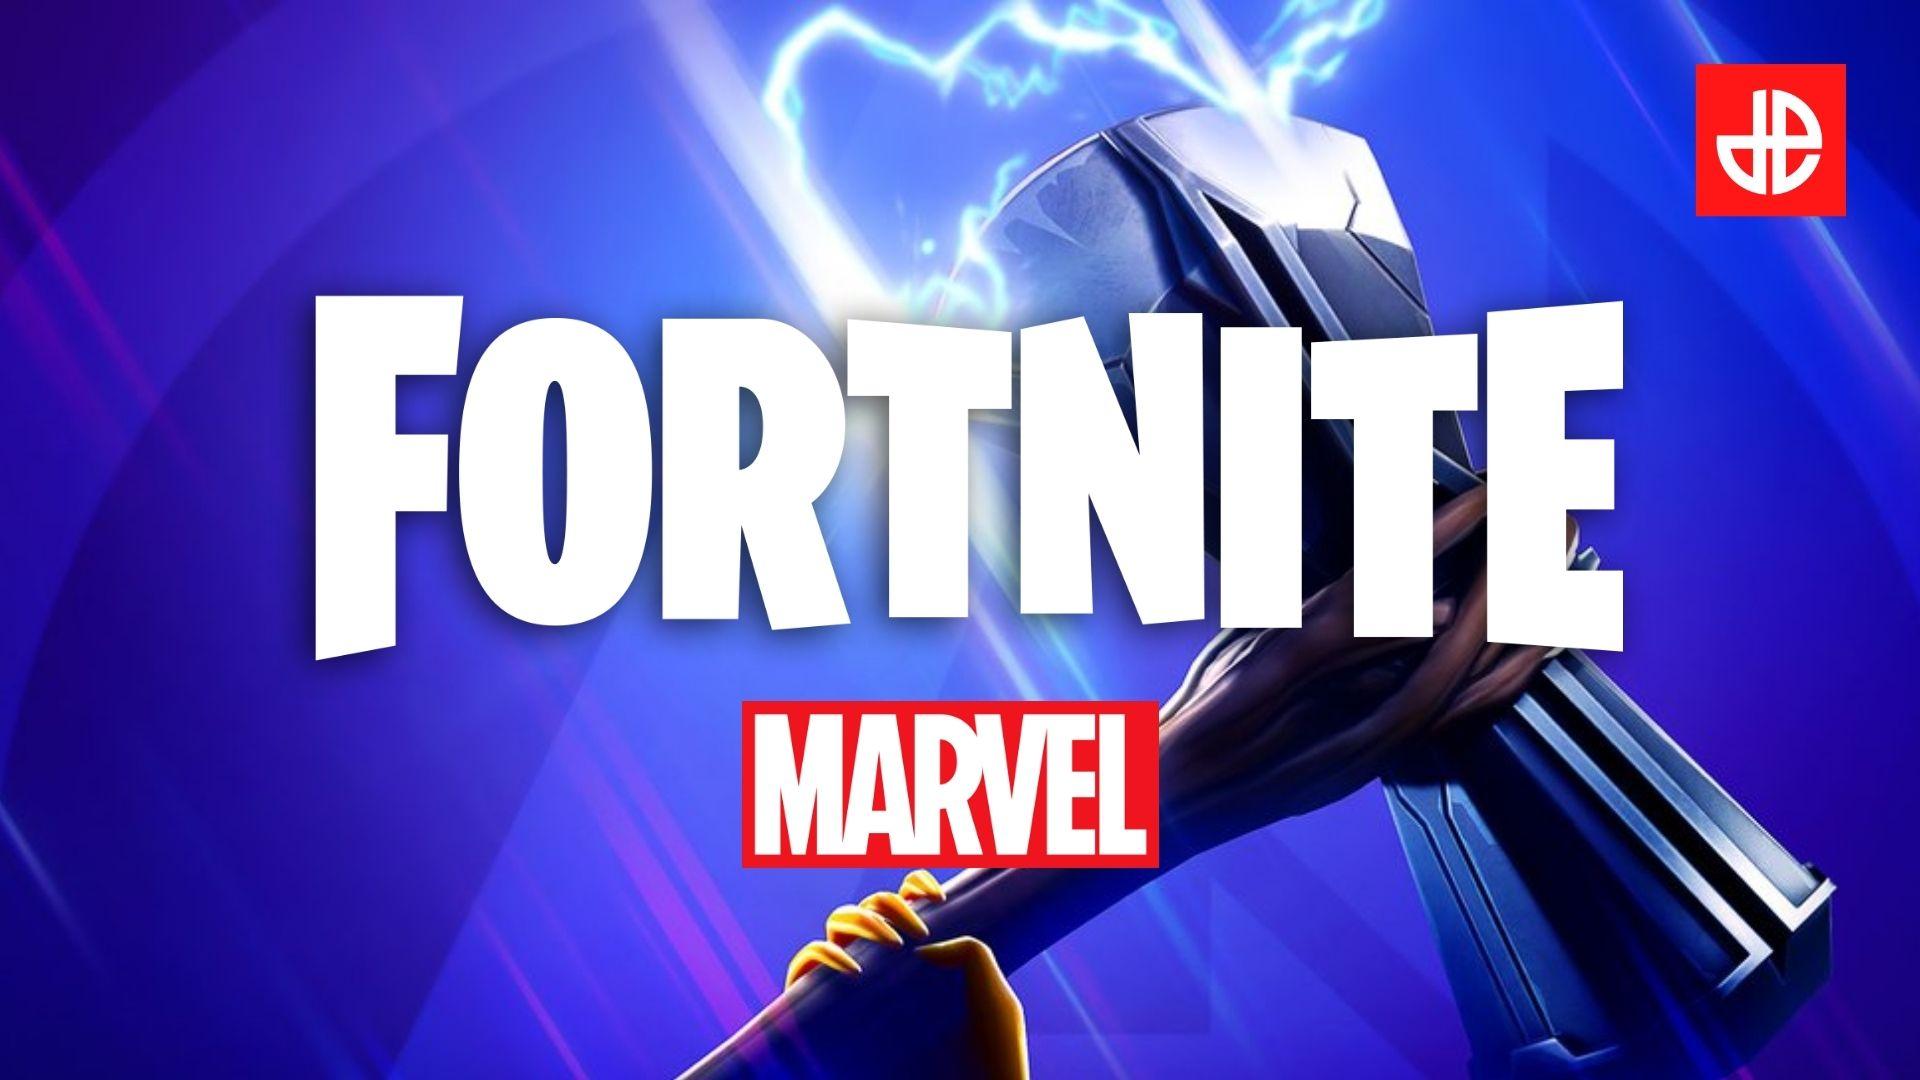 Fortnite Season 4 teaser